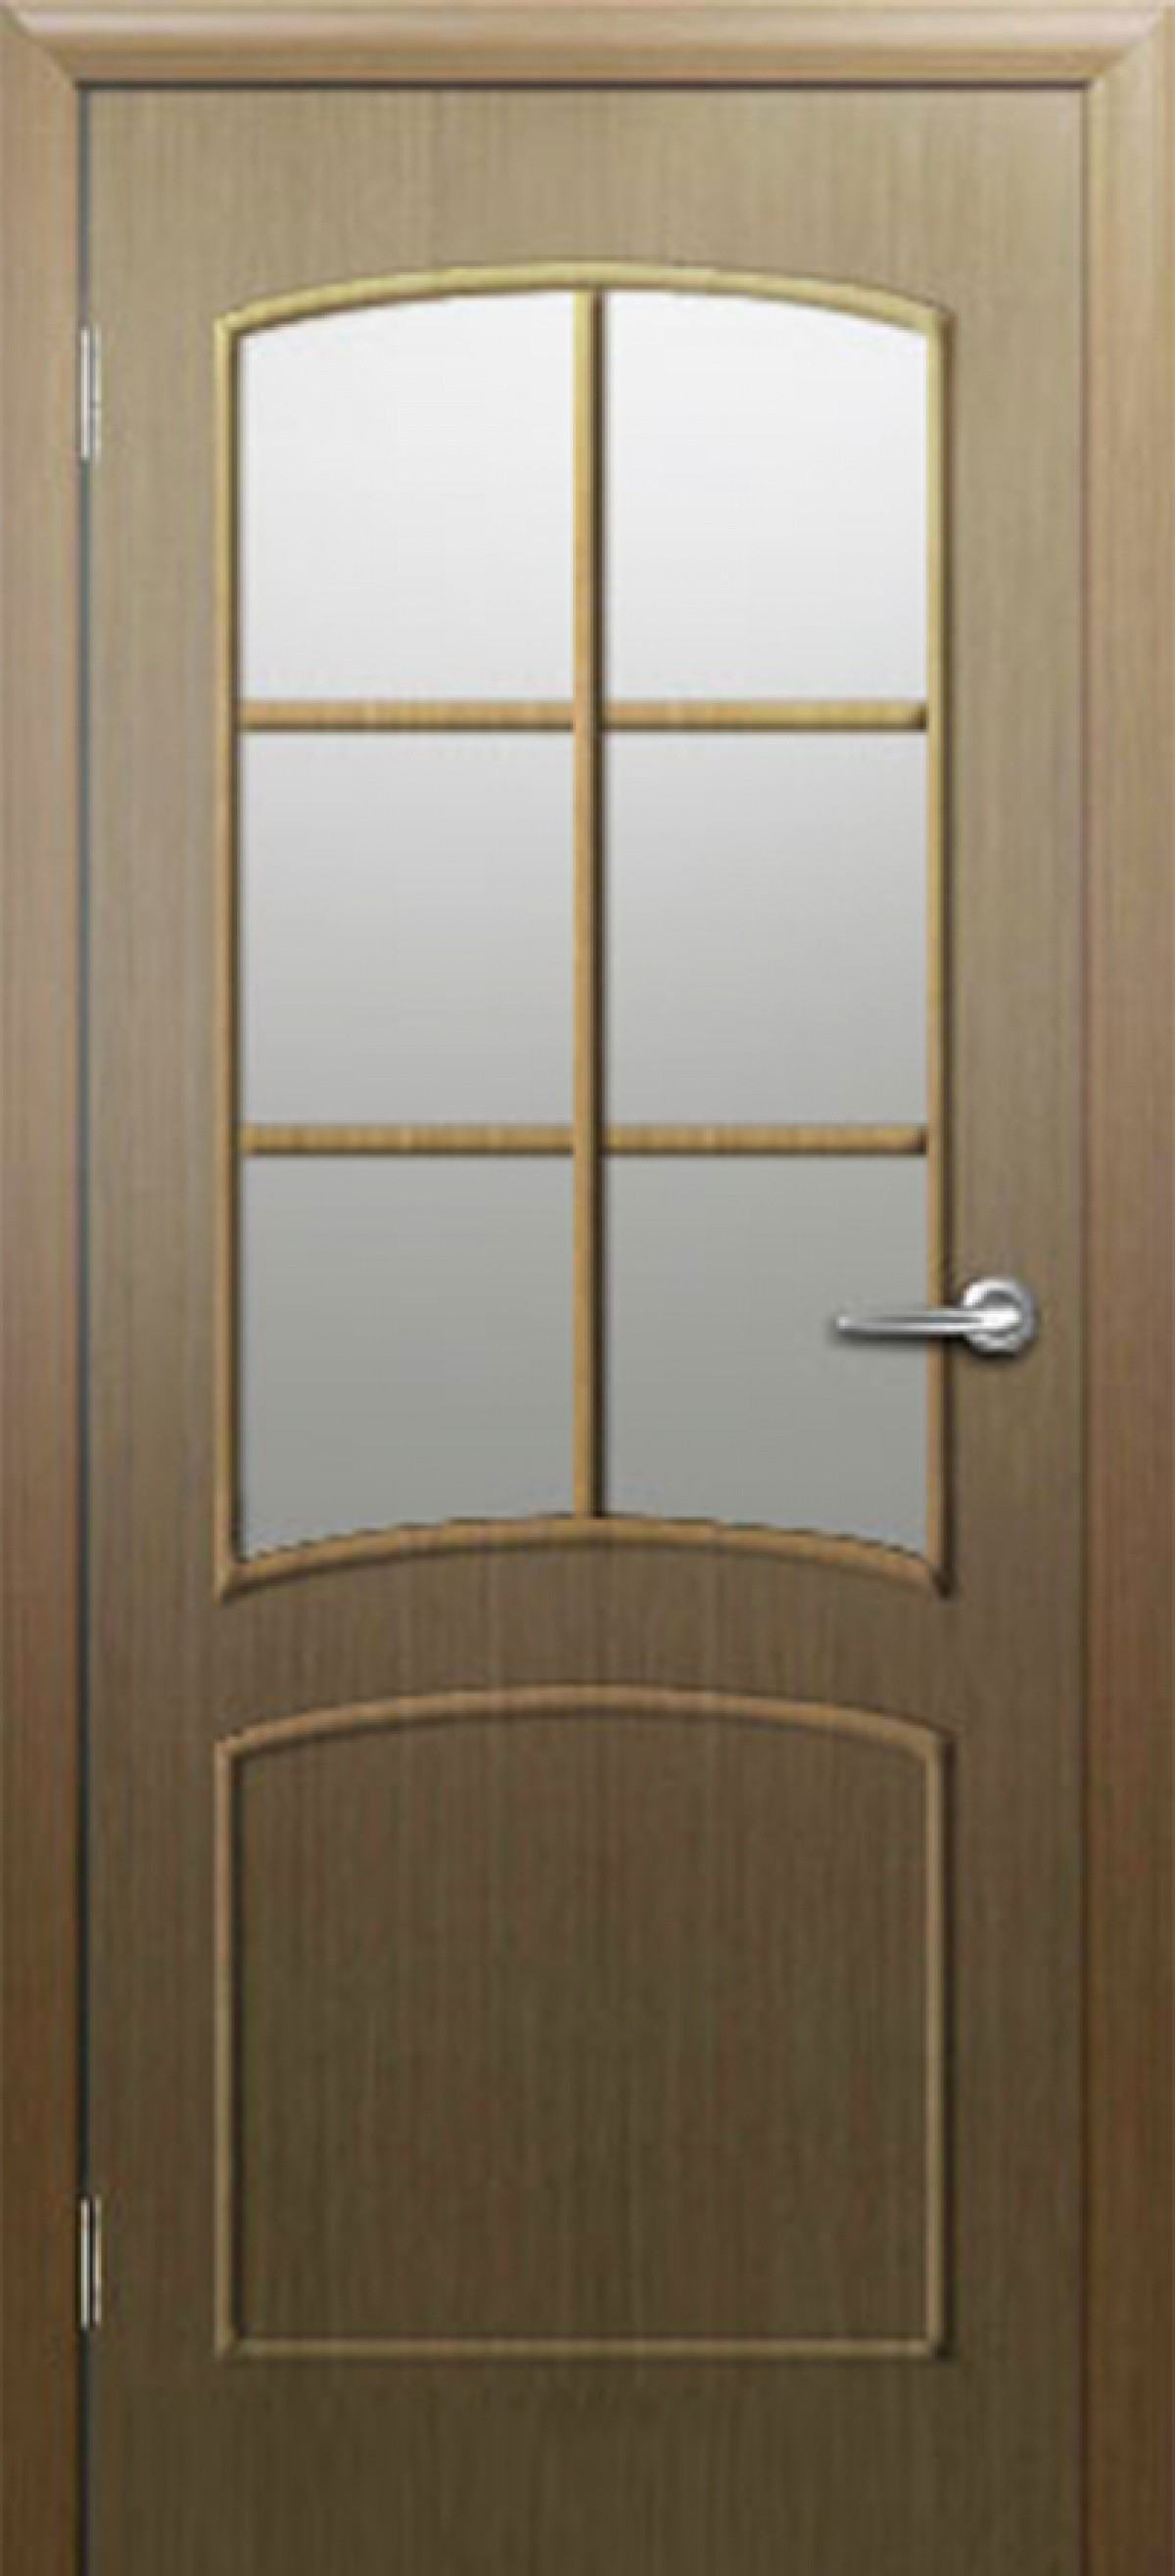 Ламинированная дверь Дверона Соренто 6 Дуб стекло Морган 2000x600 (ПОСЛЕДНИЙ РАЗМЕР ПО АКЦИИ)